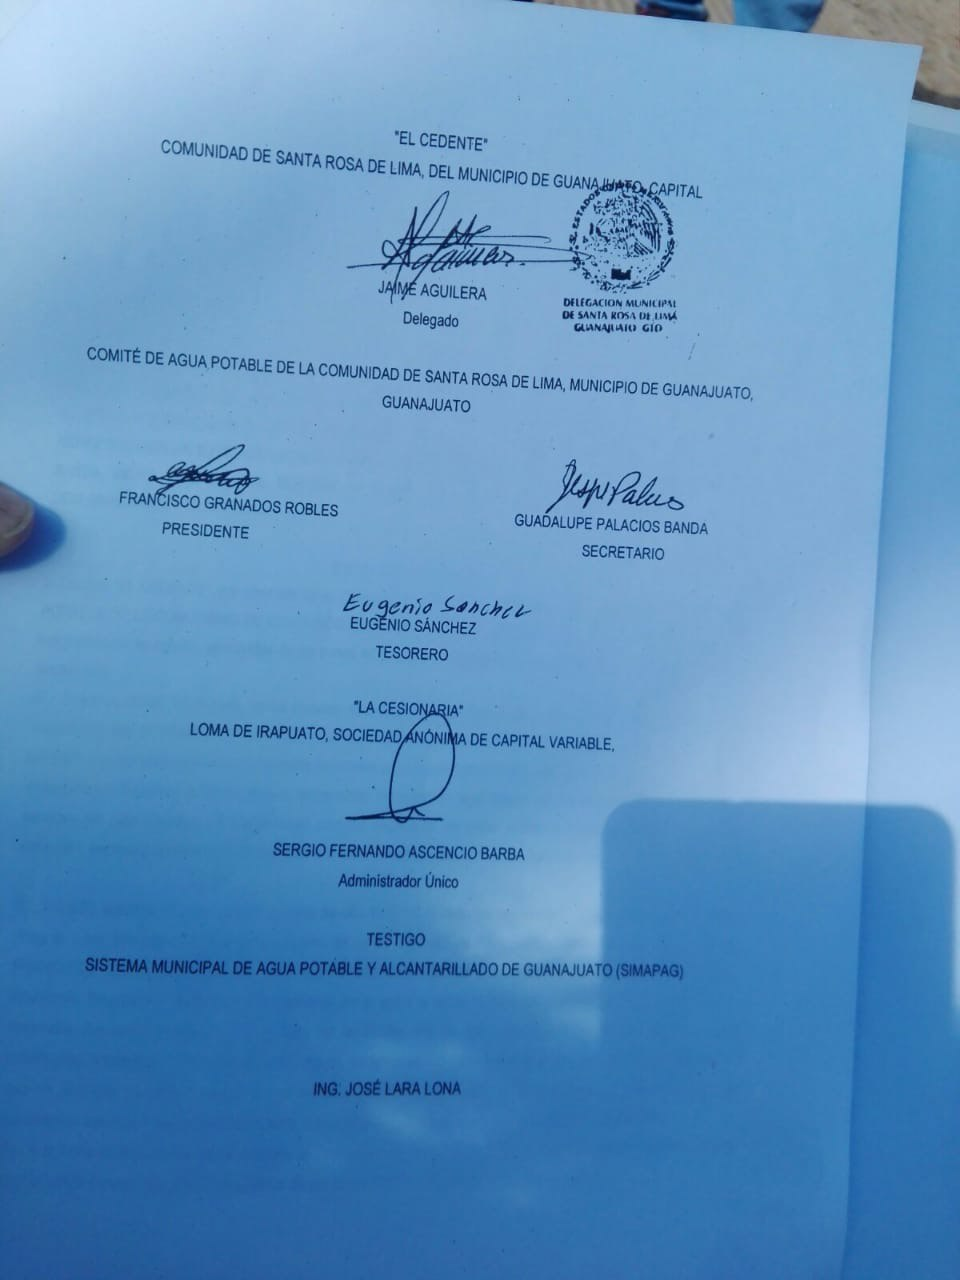 El convenio para ceder agua al fallido hotel viene con la firma del diputado federal